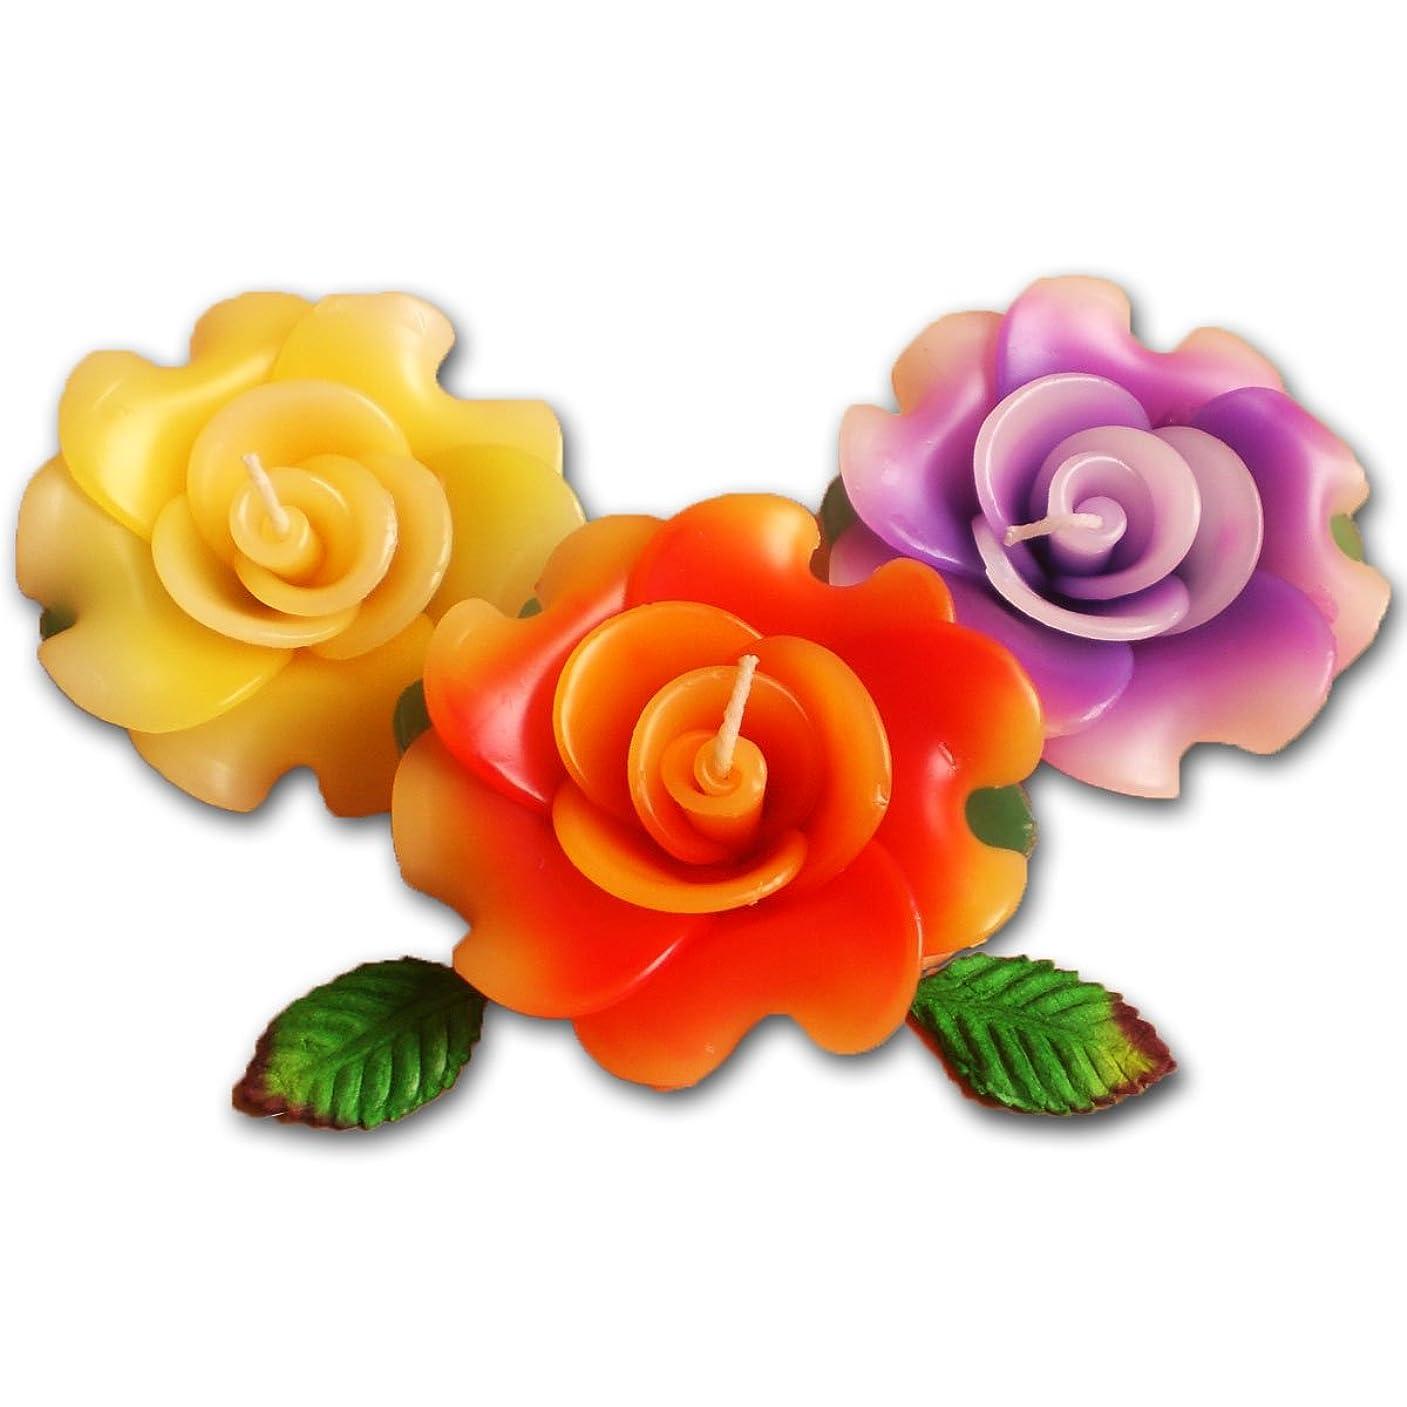 寝室ひばり稚魚フローティングキャンドル ローズ薔薇 12個入り アソート 香りつきアロマキャンドル 水に浮かぶ 退職ギフト 結婚式二次会プチギフト (12個入り)